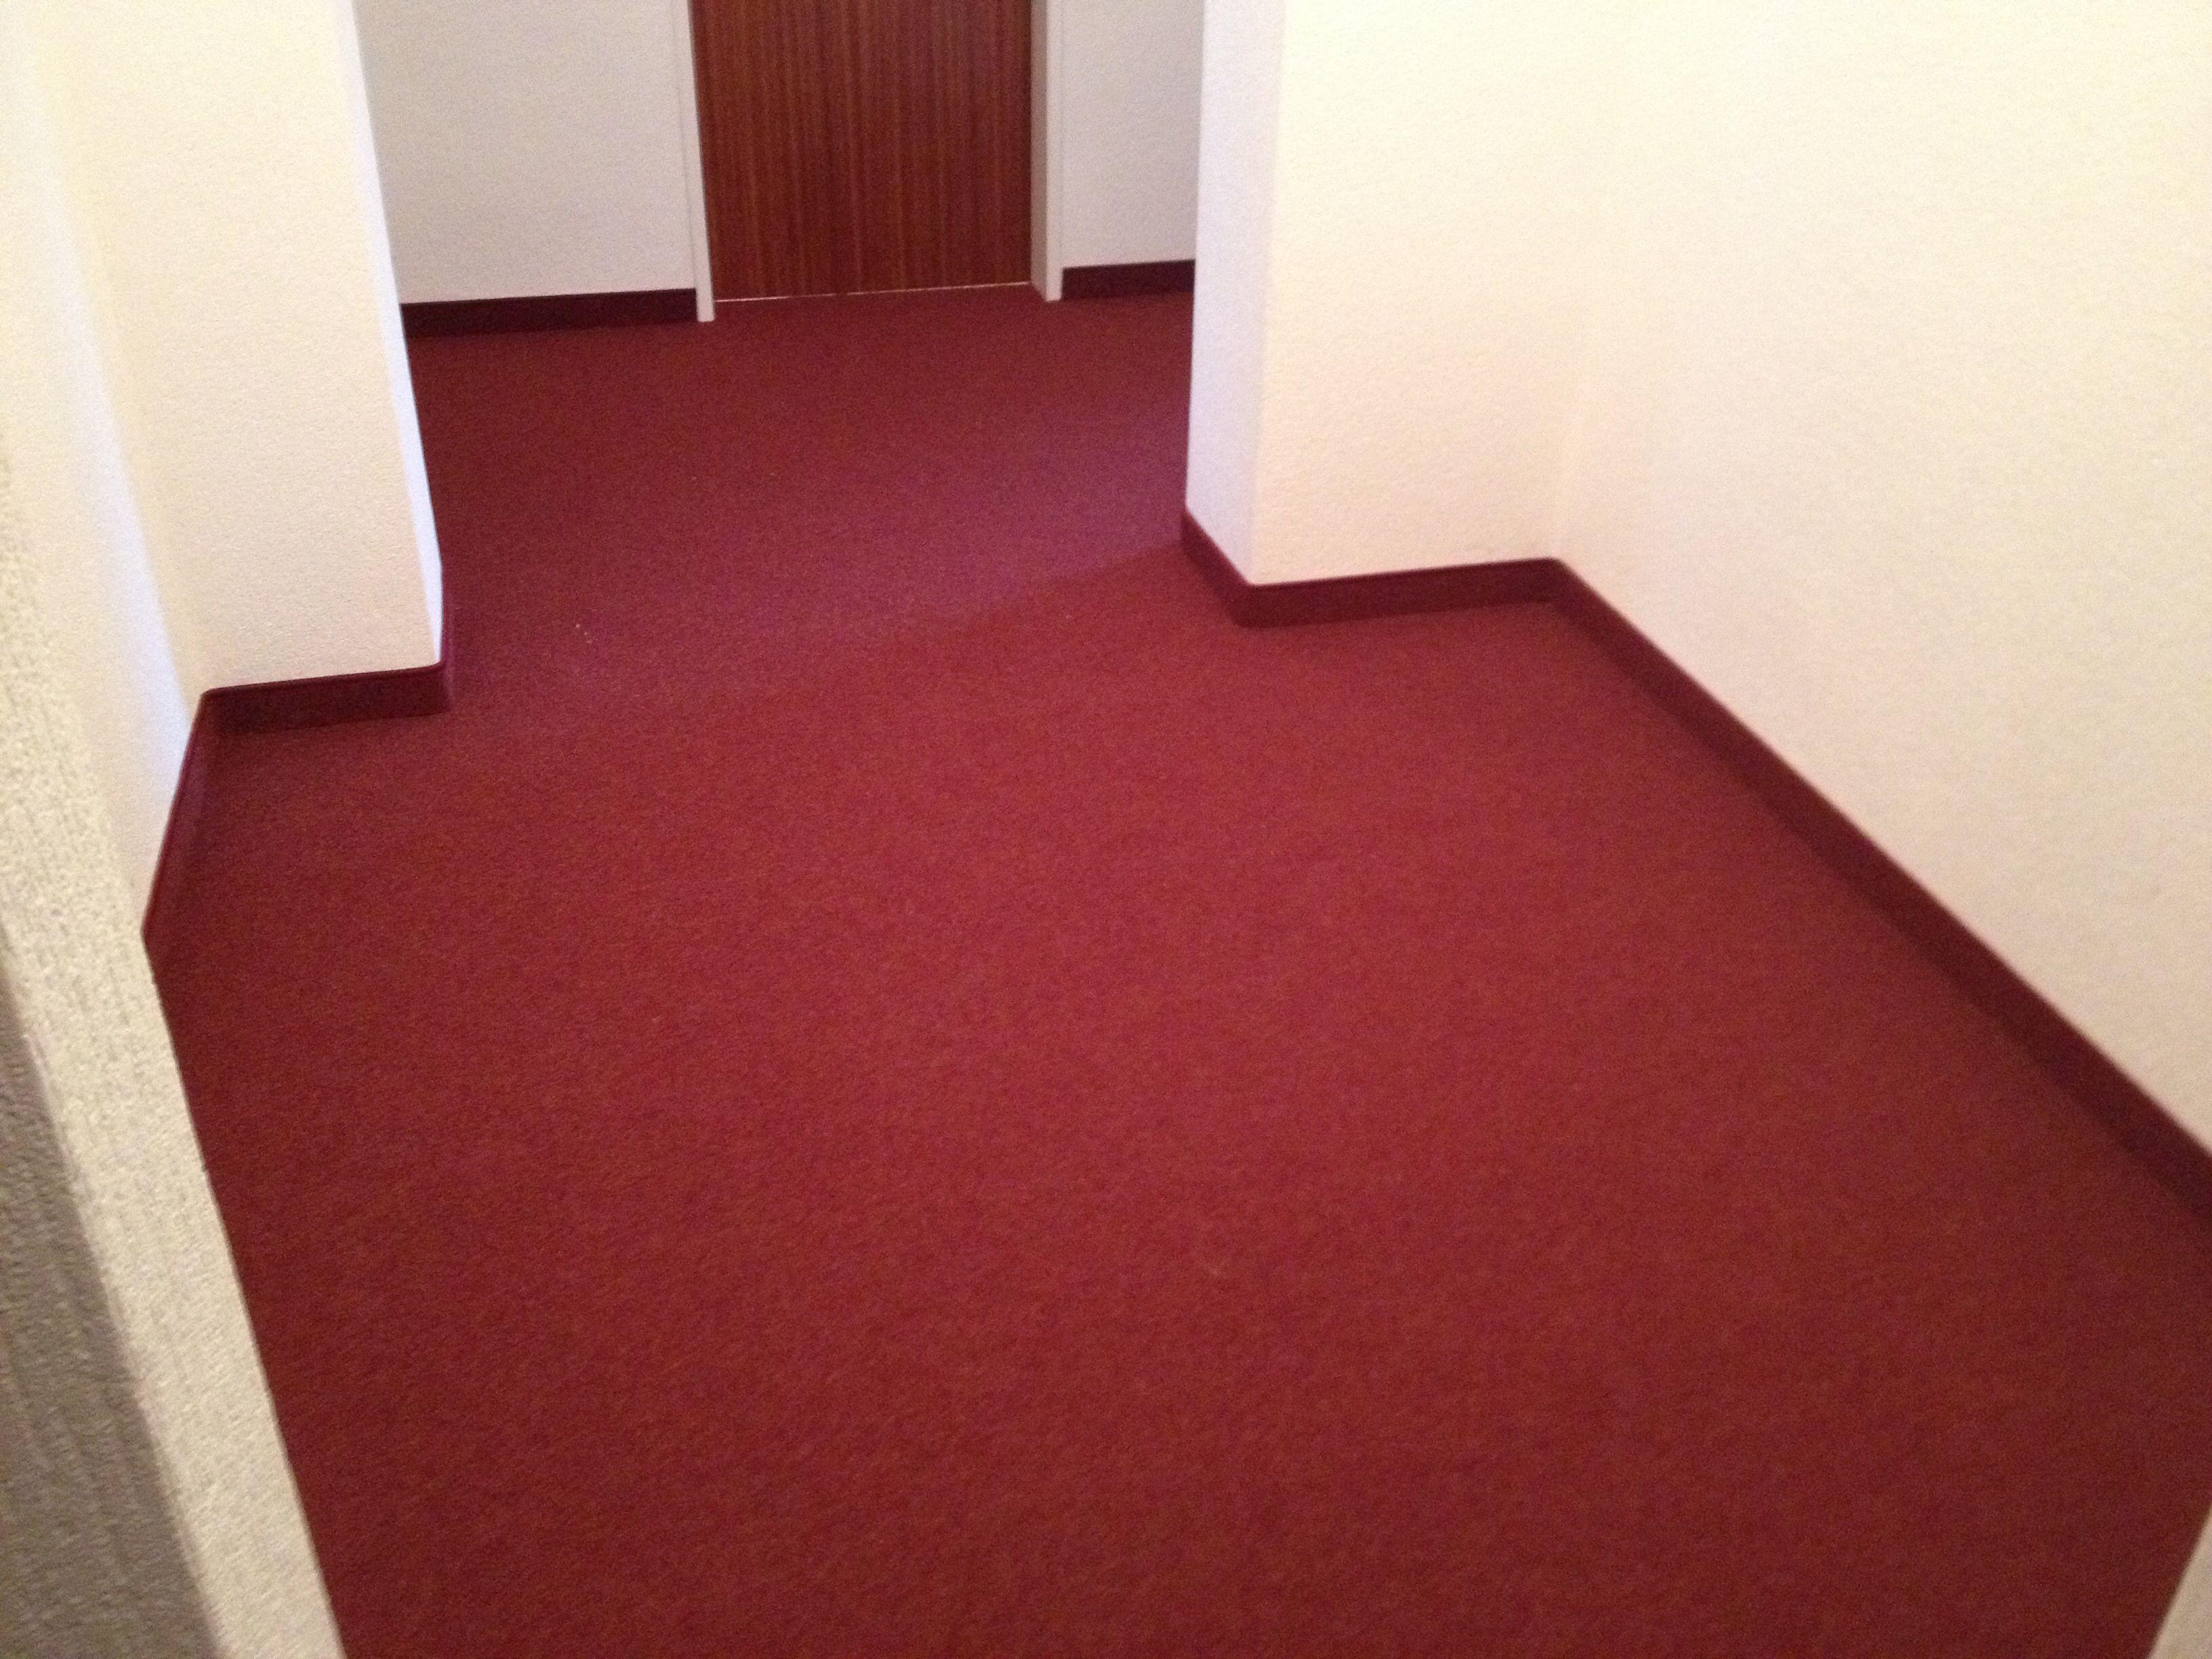 Wunderbar Teppich Für Flur Referenz Von Roter In .